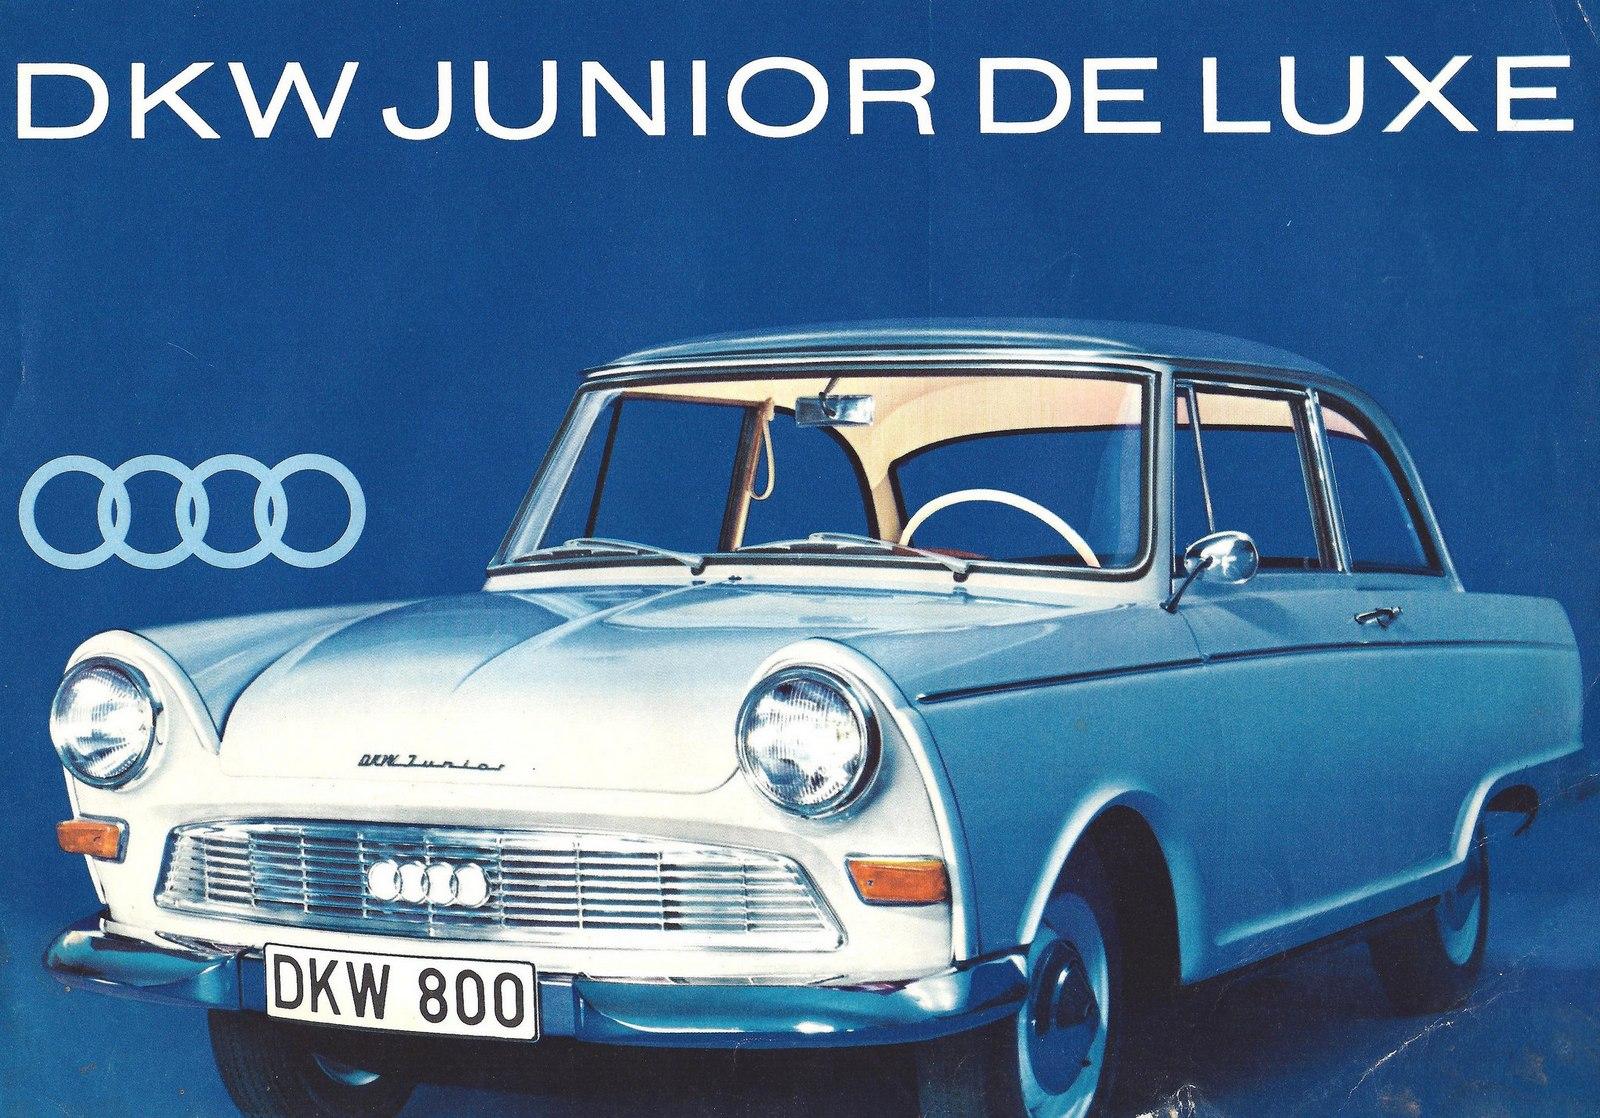 1961_dkw_junior_de_luxe.jpg